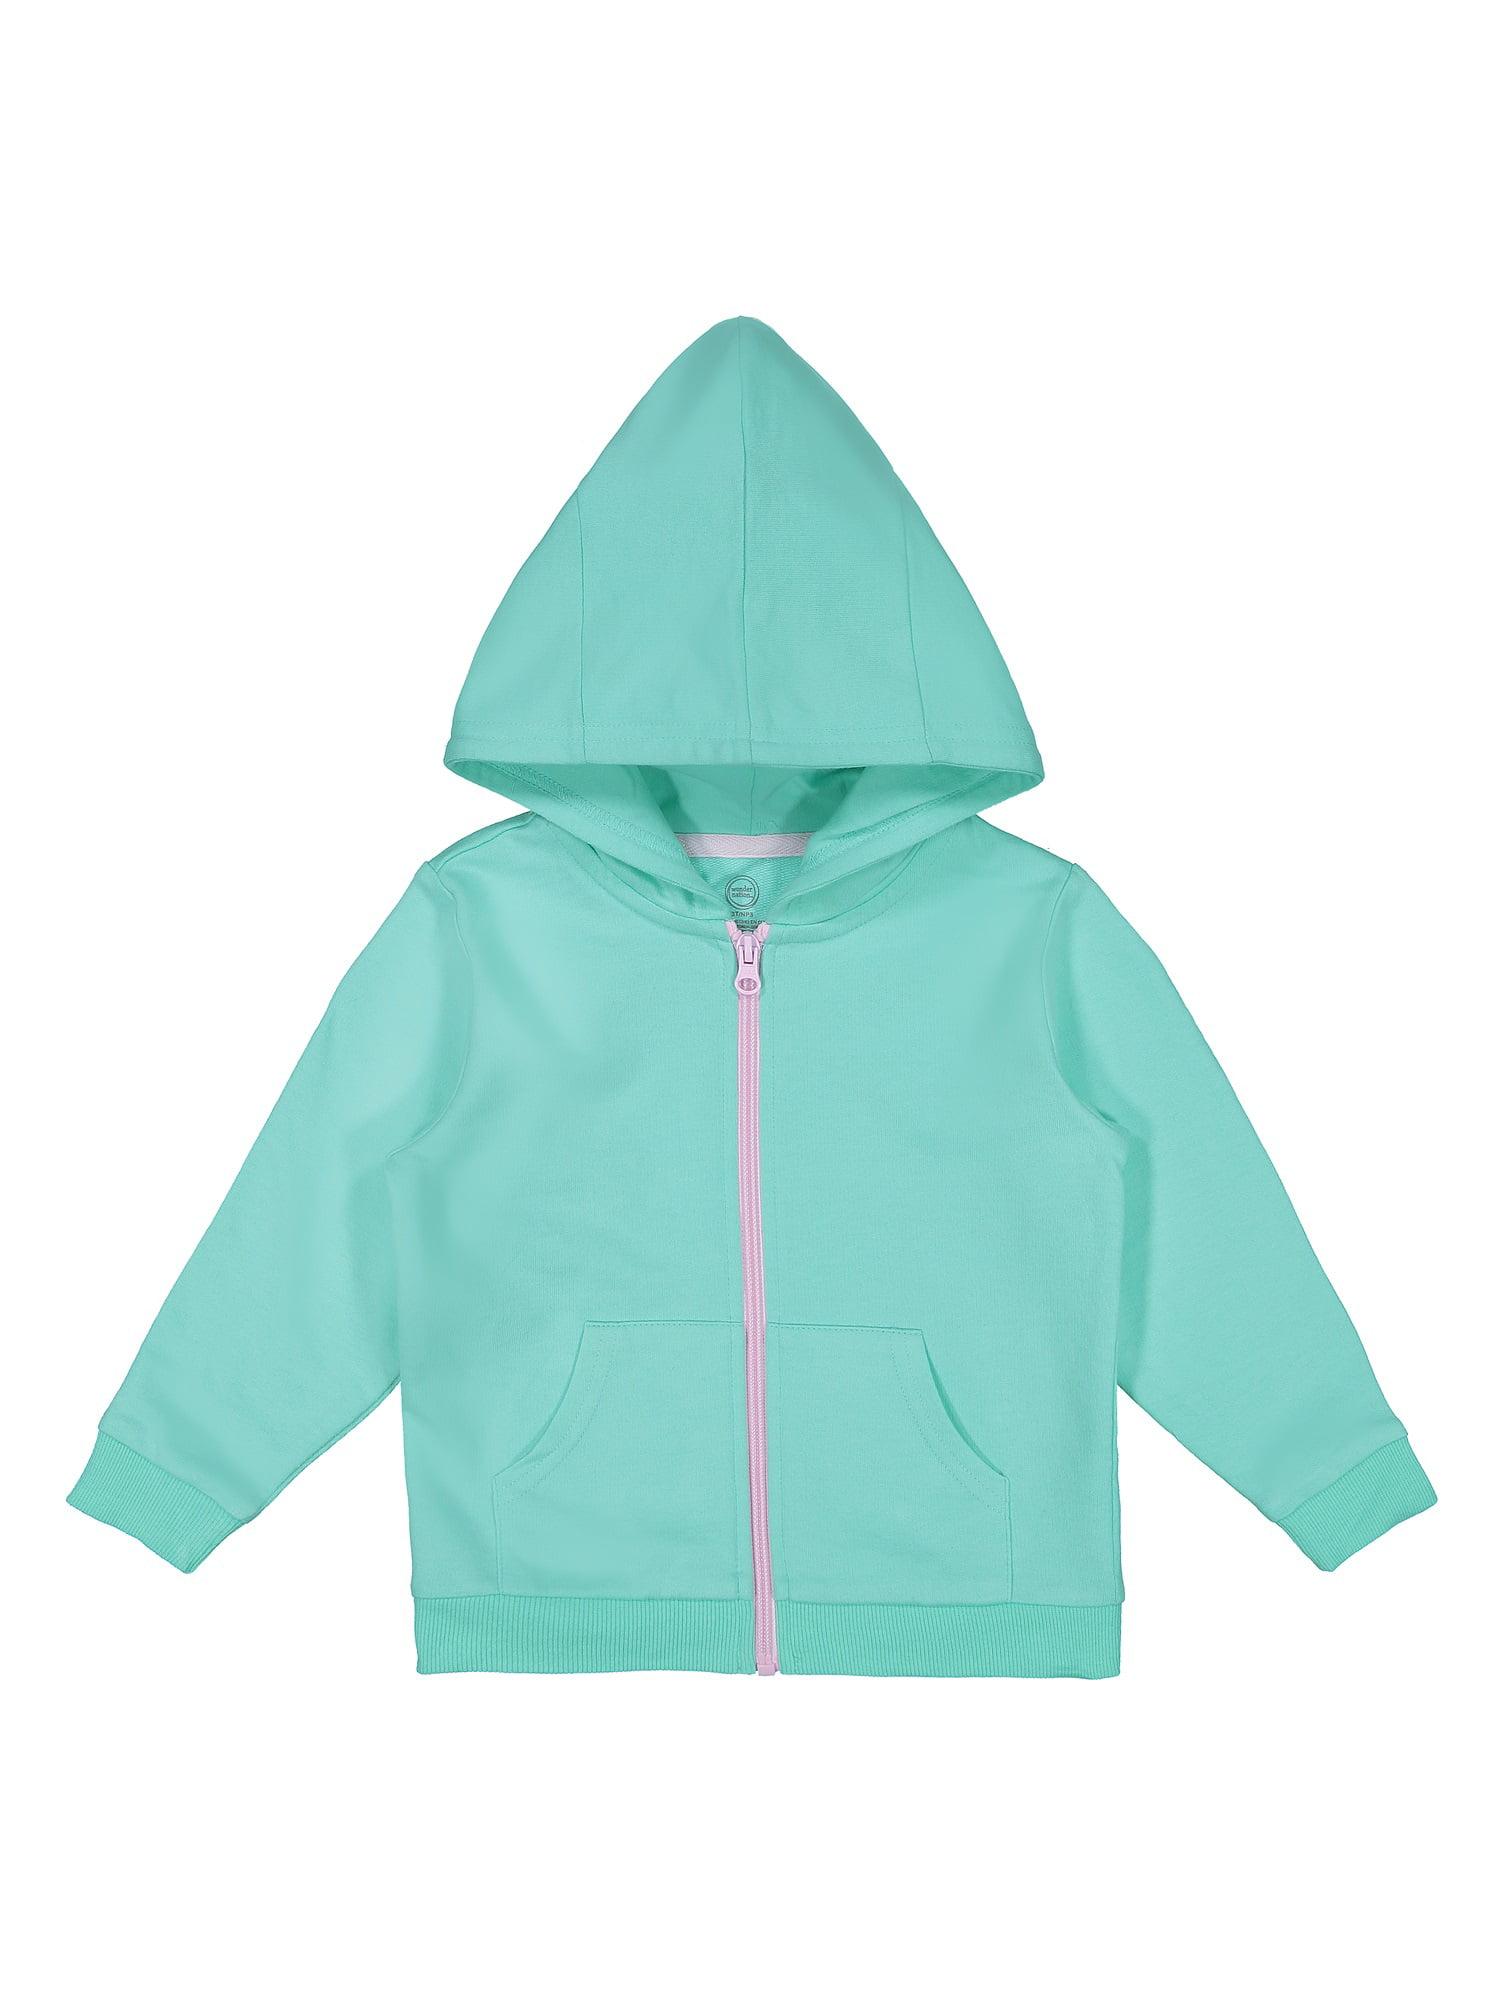 7a5ce81f8 Packable Plush Critter Zip Up Hoodie (Toddler Girls) – BrickSeek